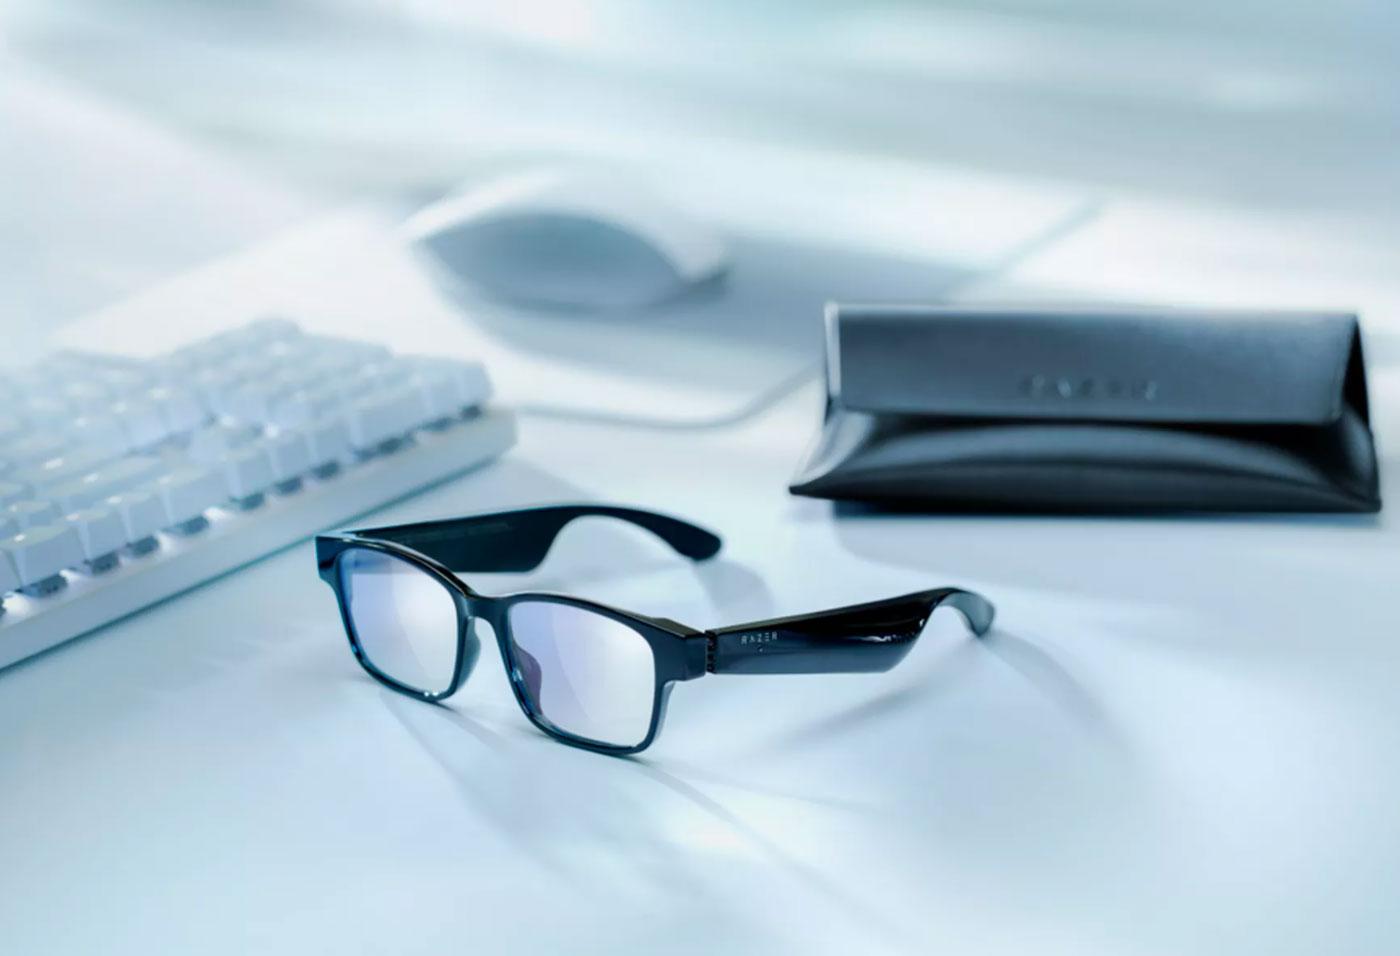 Les Razer Anzu, des lunettes un peu particulières